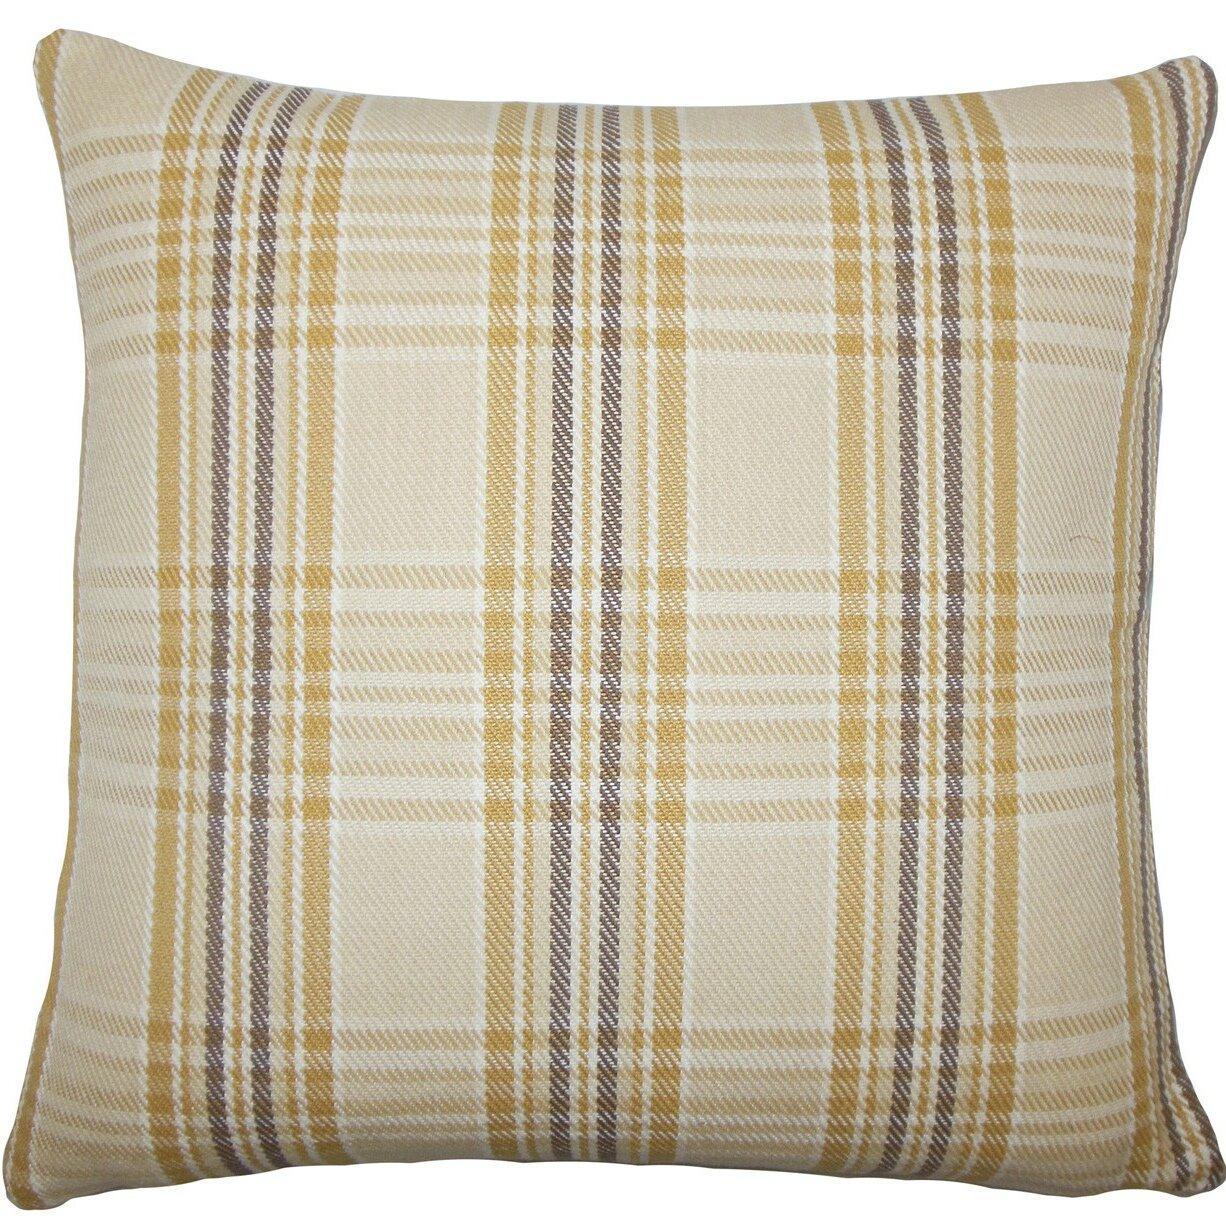 The Pillow Collection Mahlah Plaid Cotton Throw Pillow Wayfair